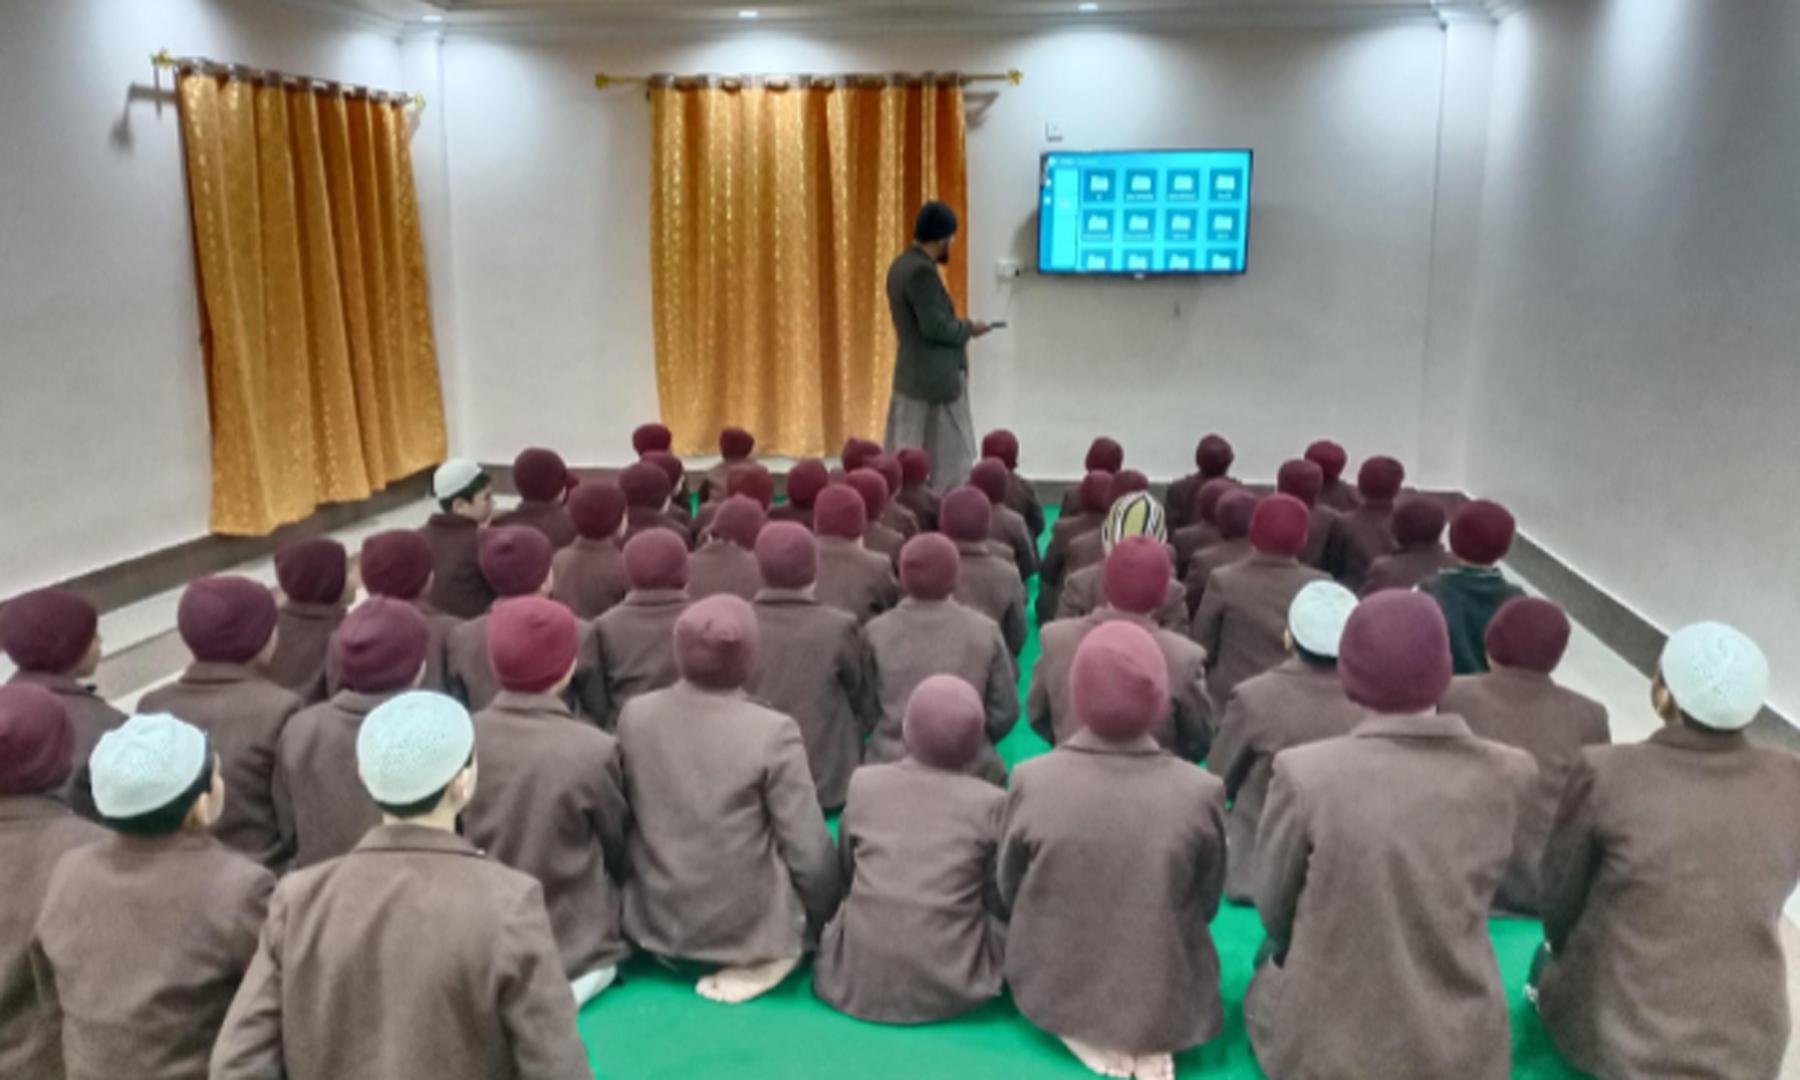 یتیم بچوں کی کفالت کے ادارے 'آغوش' میں بچوں کے ساتھ سیاحت کے حوالے سے منعقدہ سیشن—عظمت اکبر